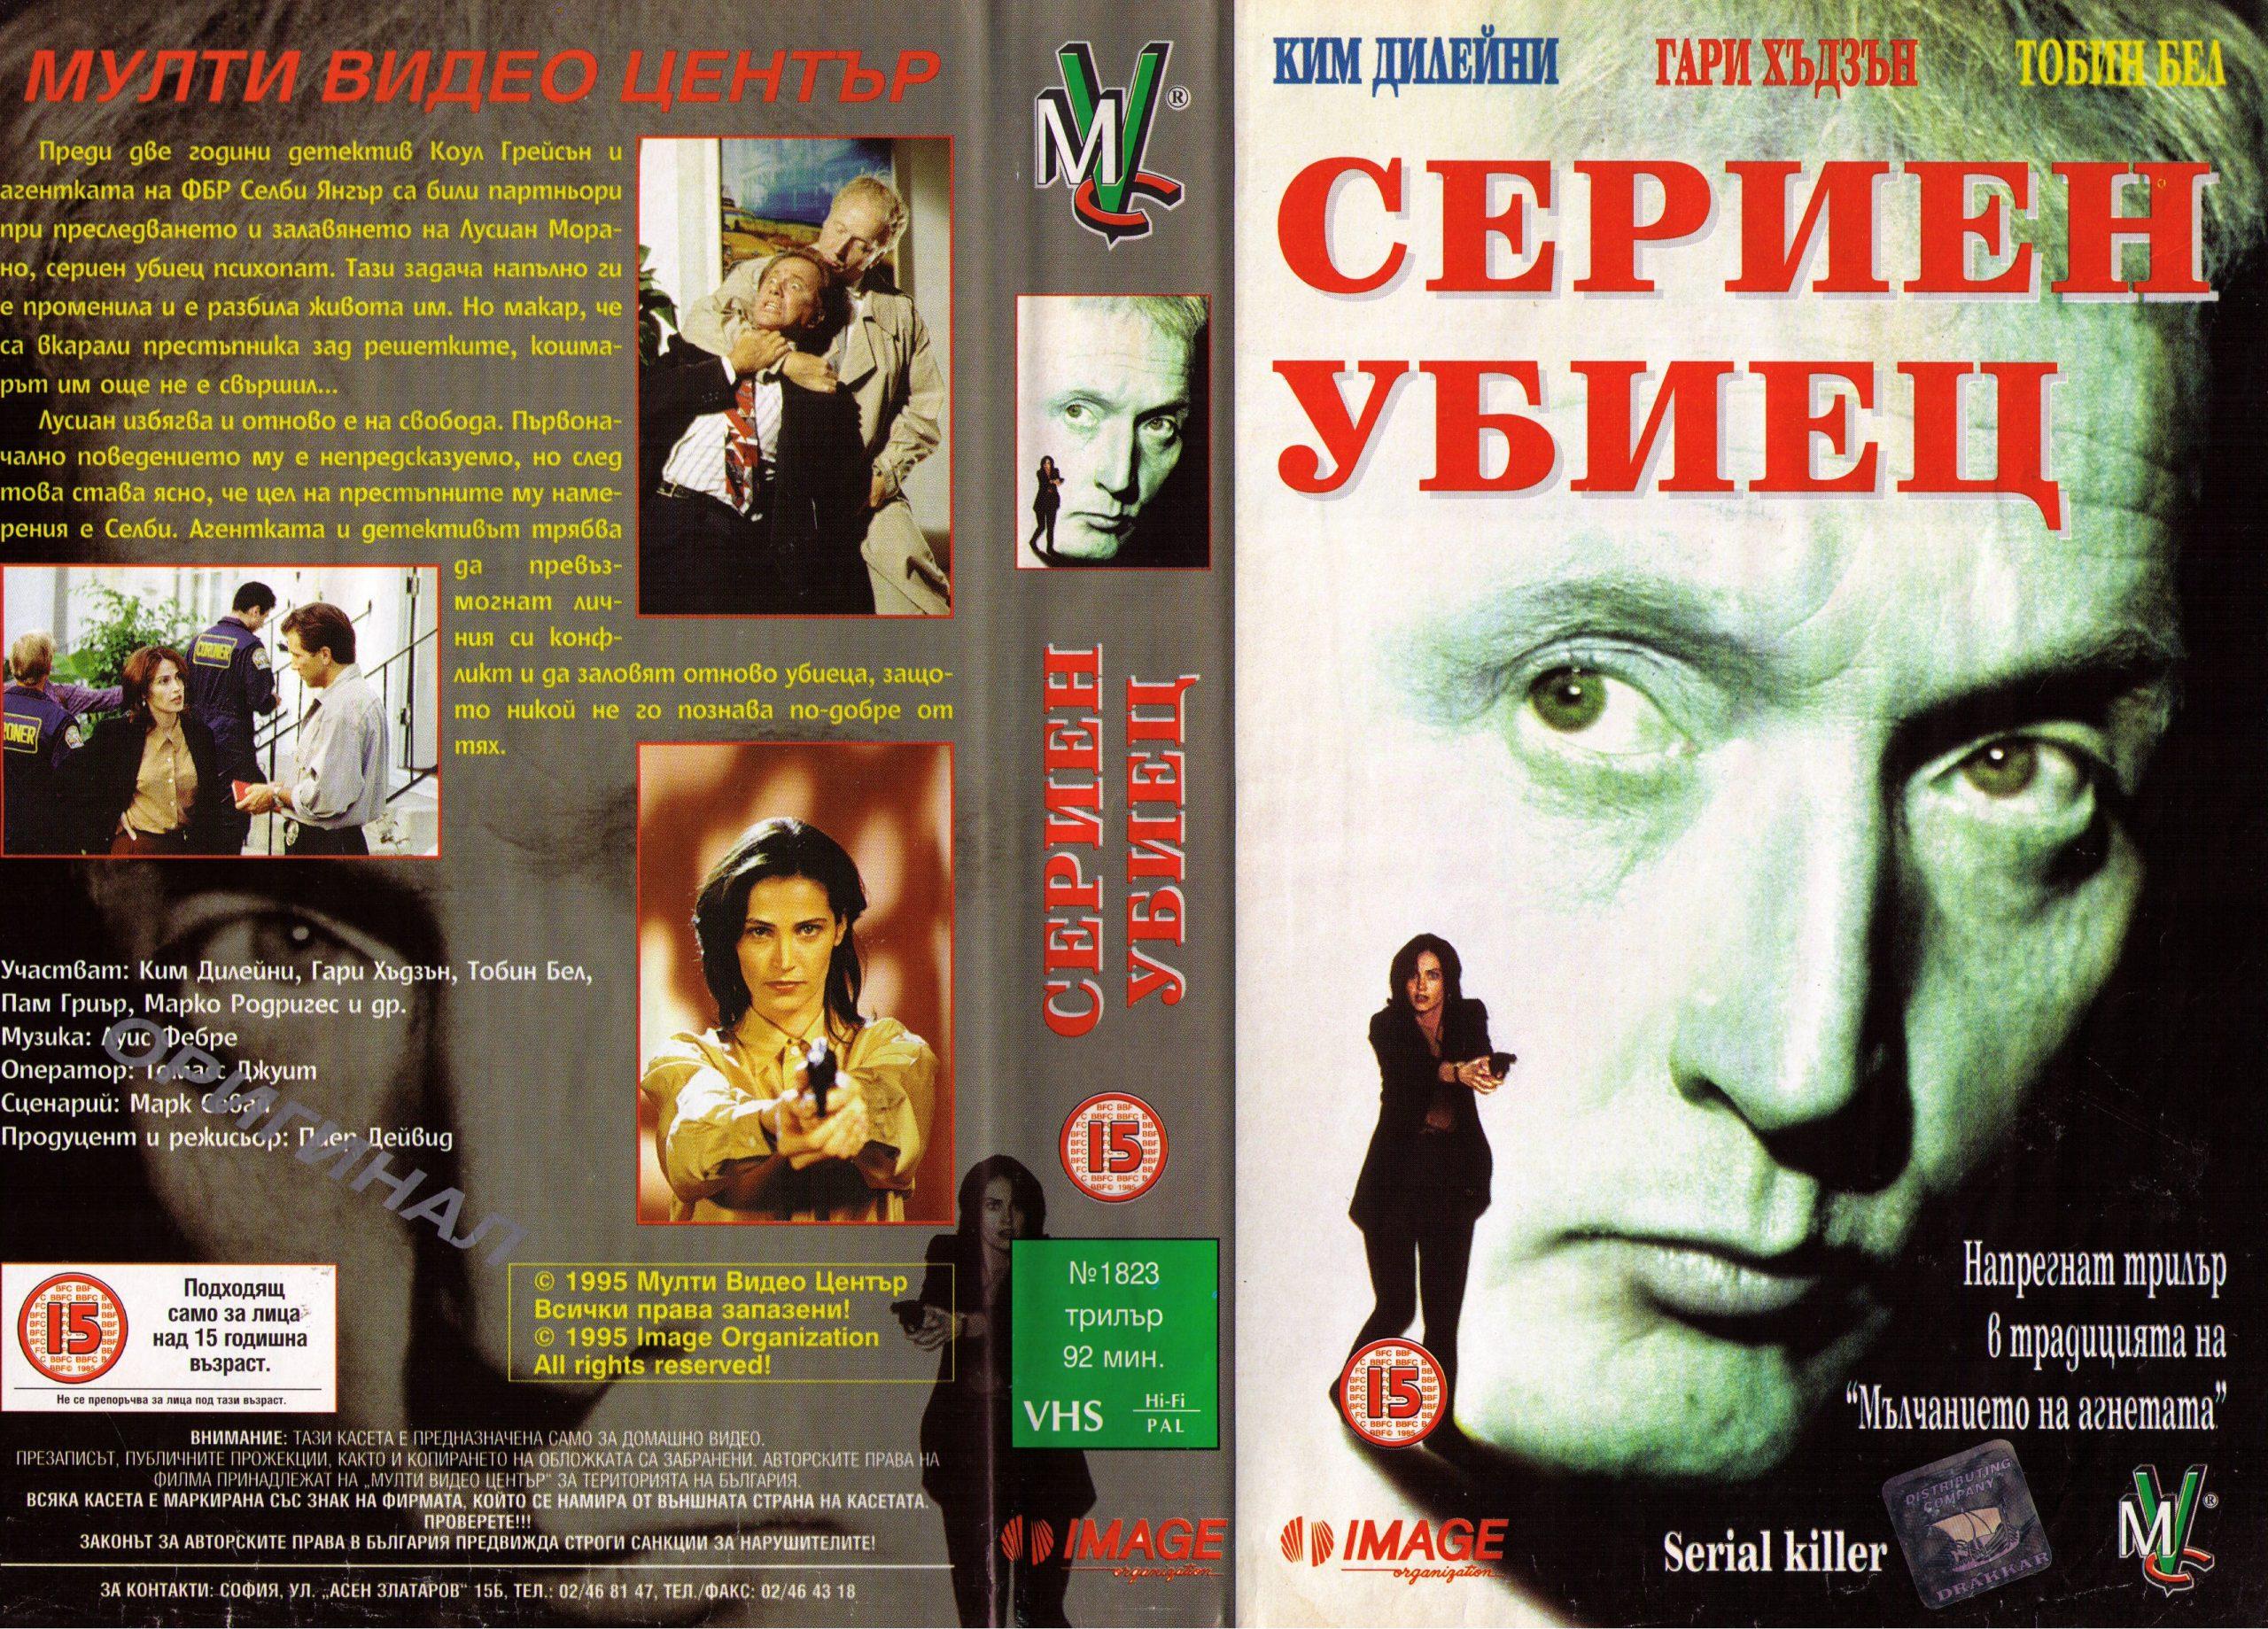 Сериен убиец филм